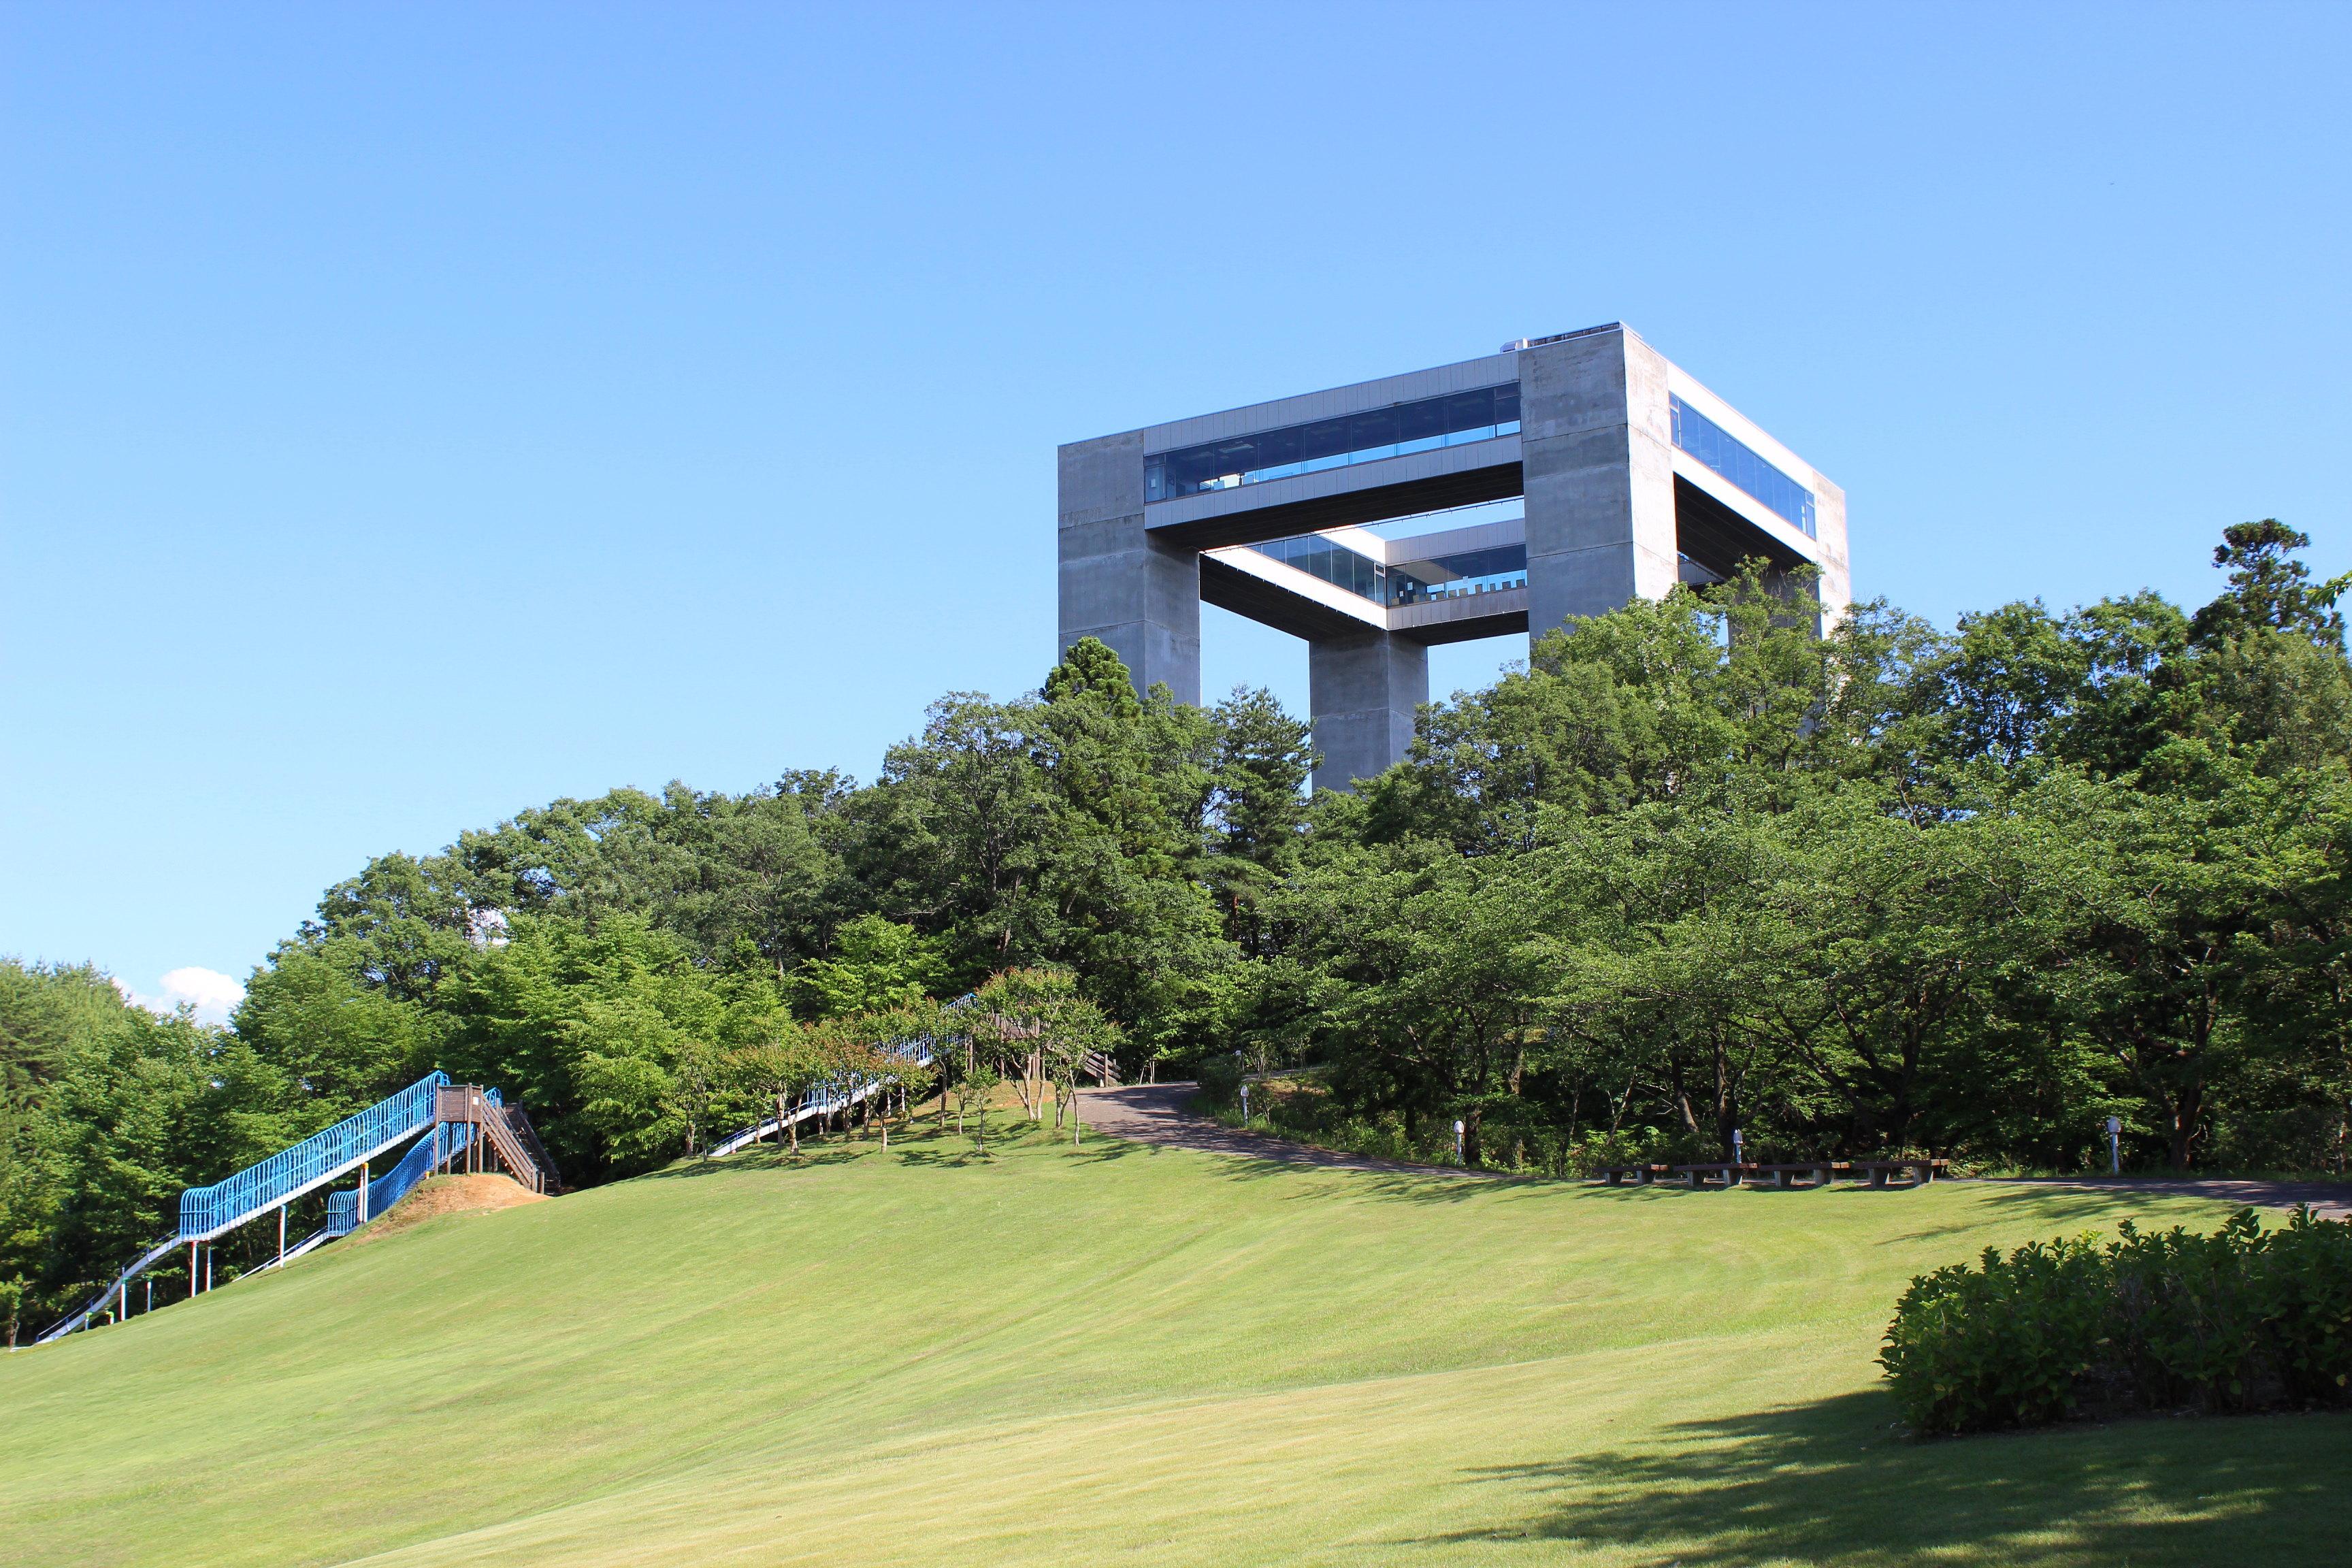 【太閤山ランド】富山県内最大の公園は想像以上にすごかった